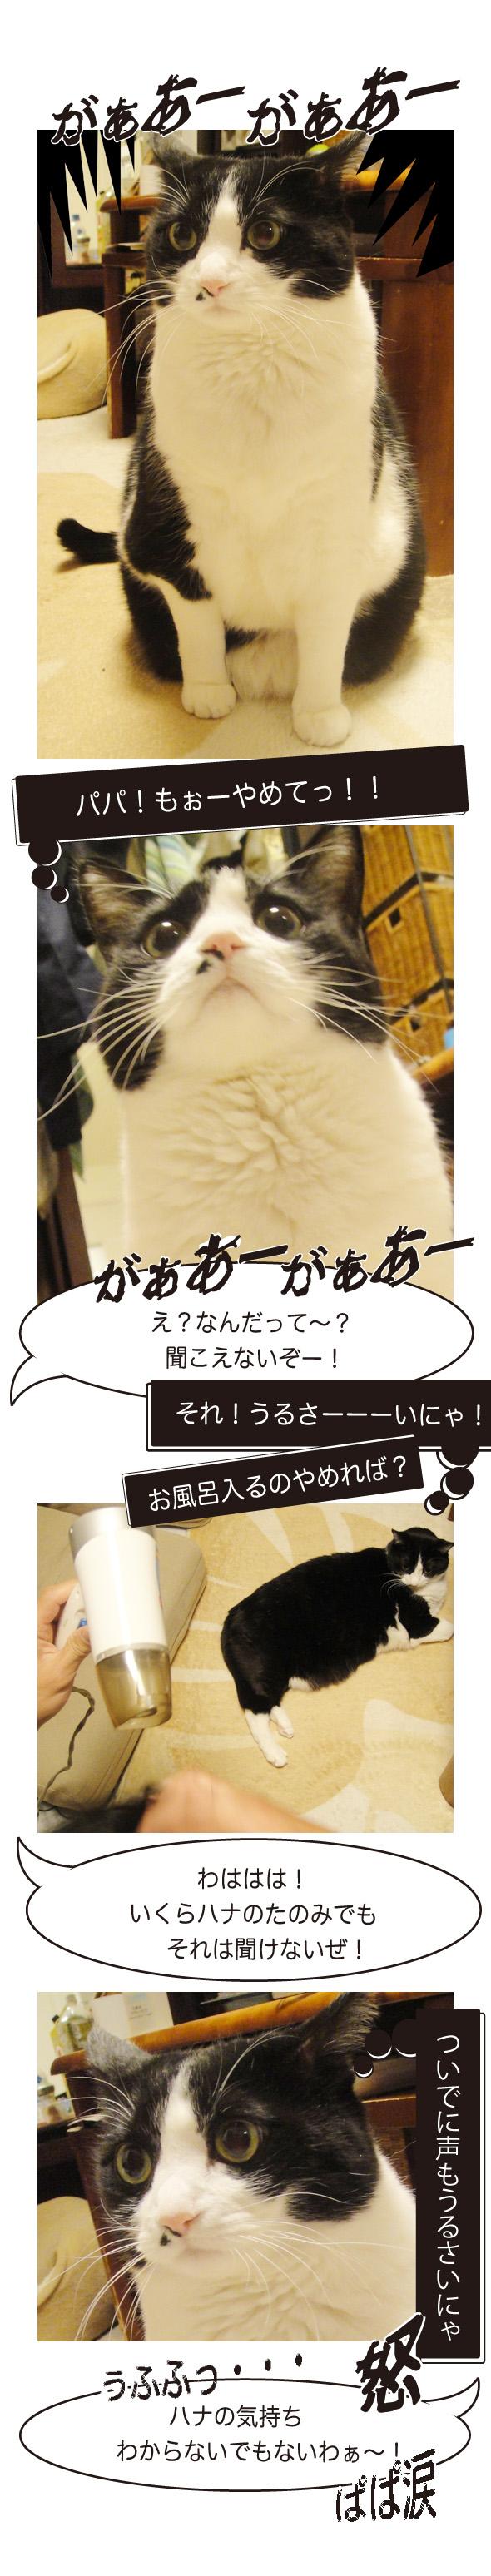 音に敏感な猫ちゃん